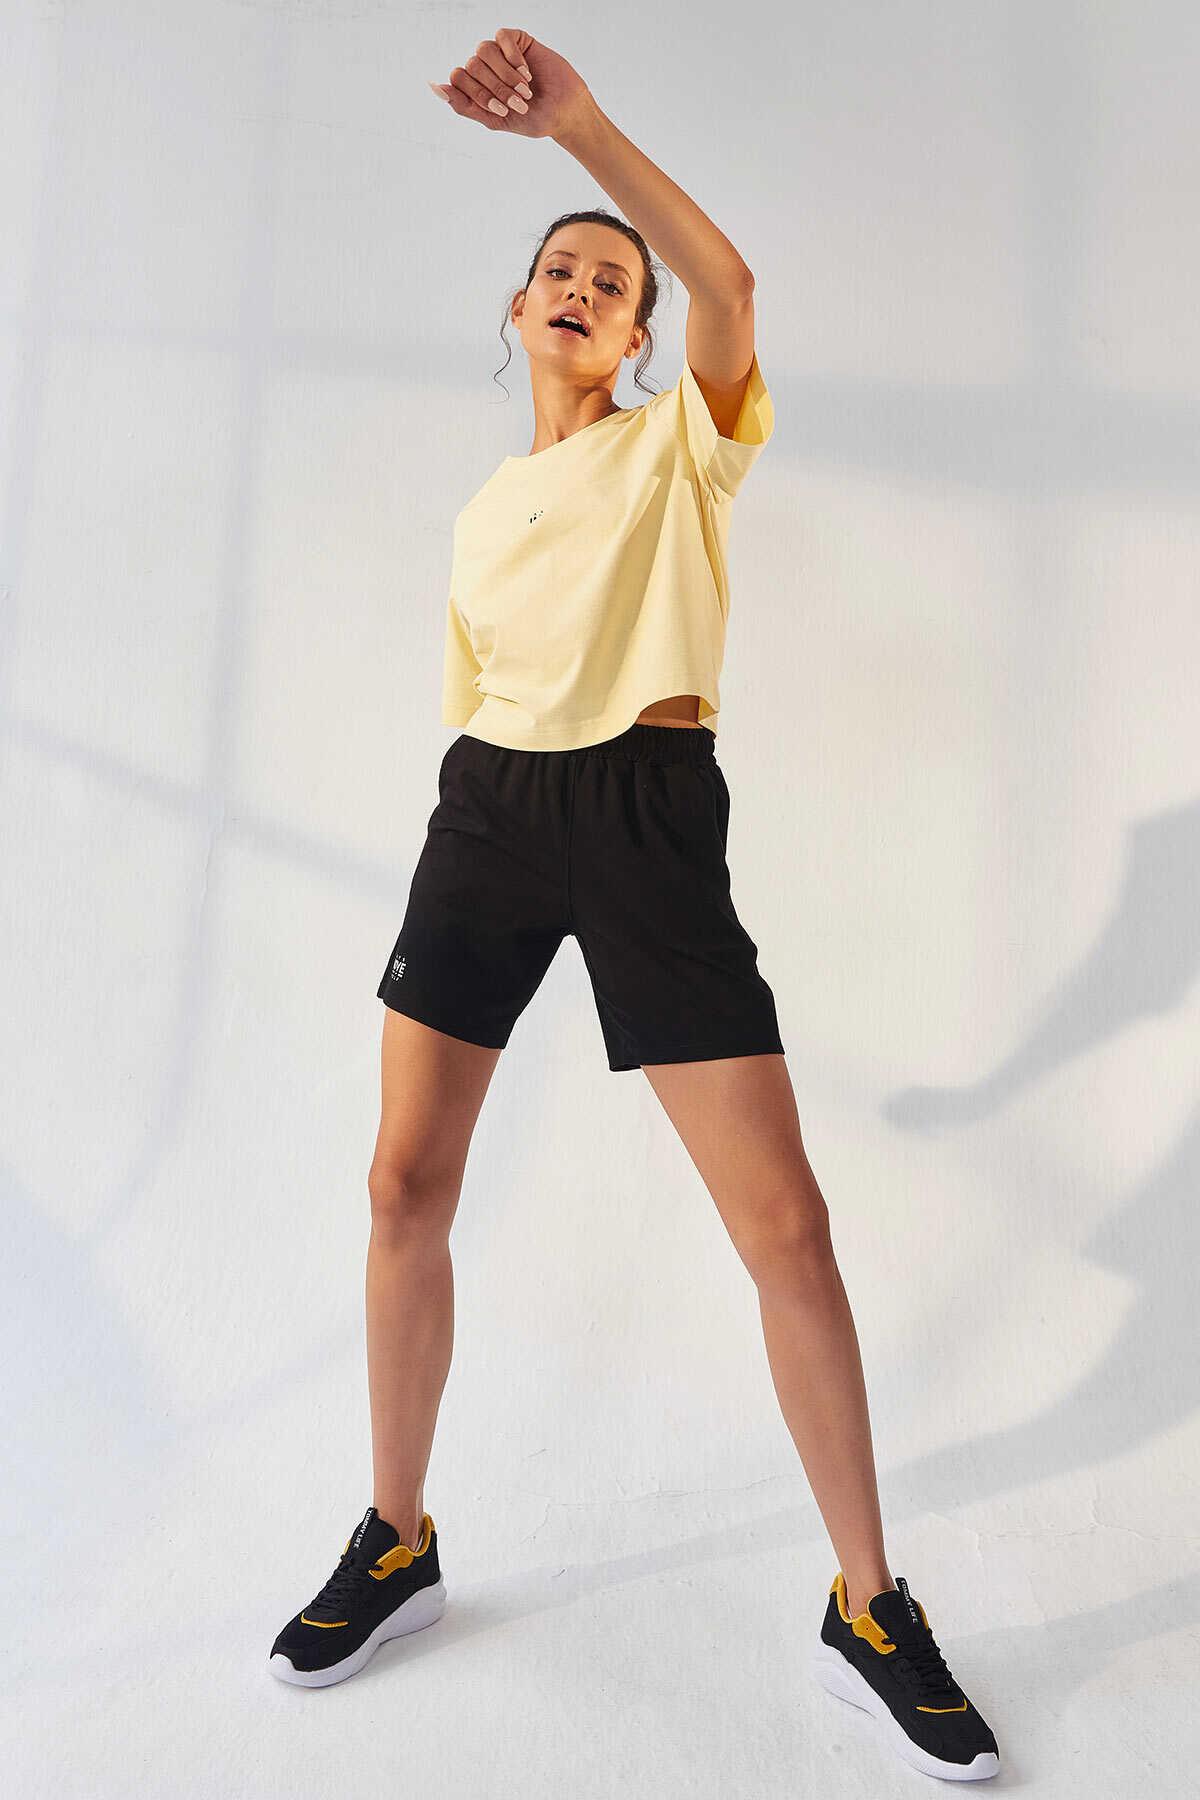 Tommy Life Toptan Sarı-Siyah Kadın Küçük Yazı Baskılı O Yaka Oversize Bermuda Şort Takım - 95292